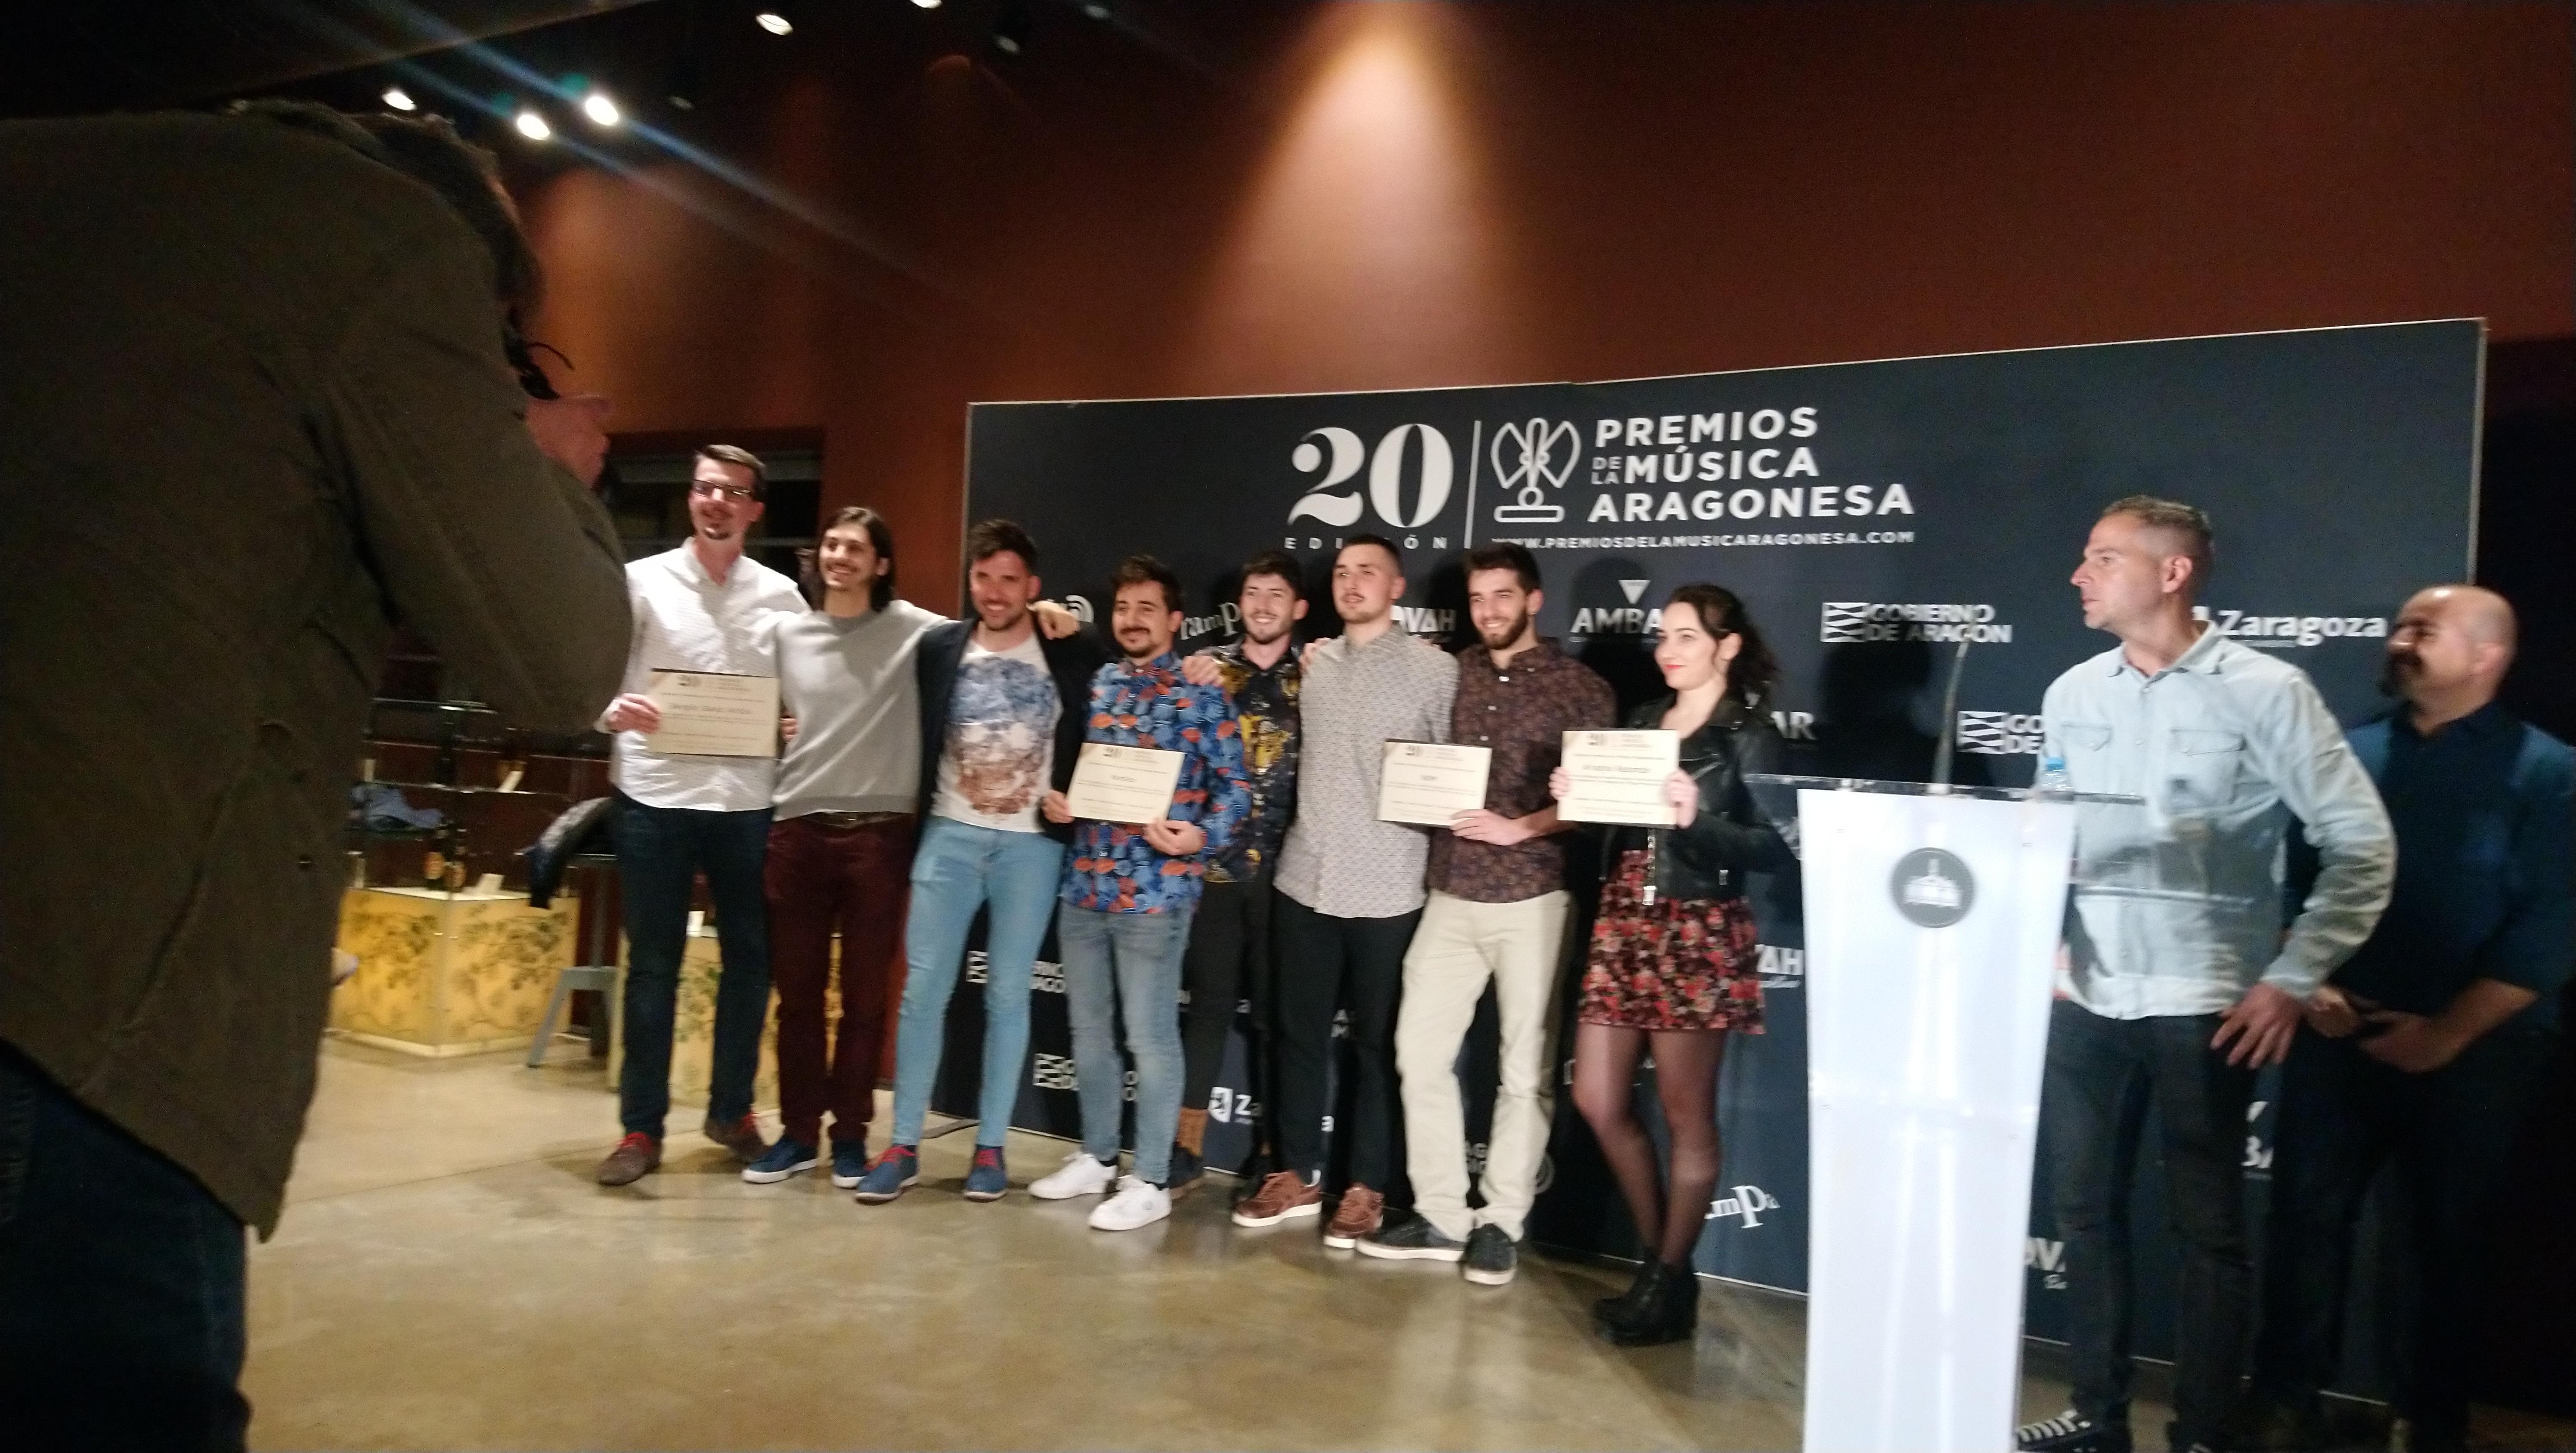 XX Premios de la Música Aragonesa. Nominados a Mayor Proyección.